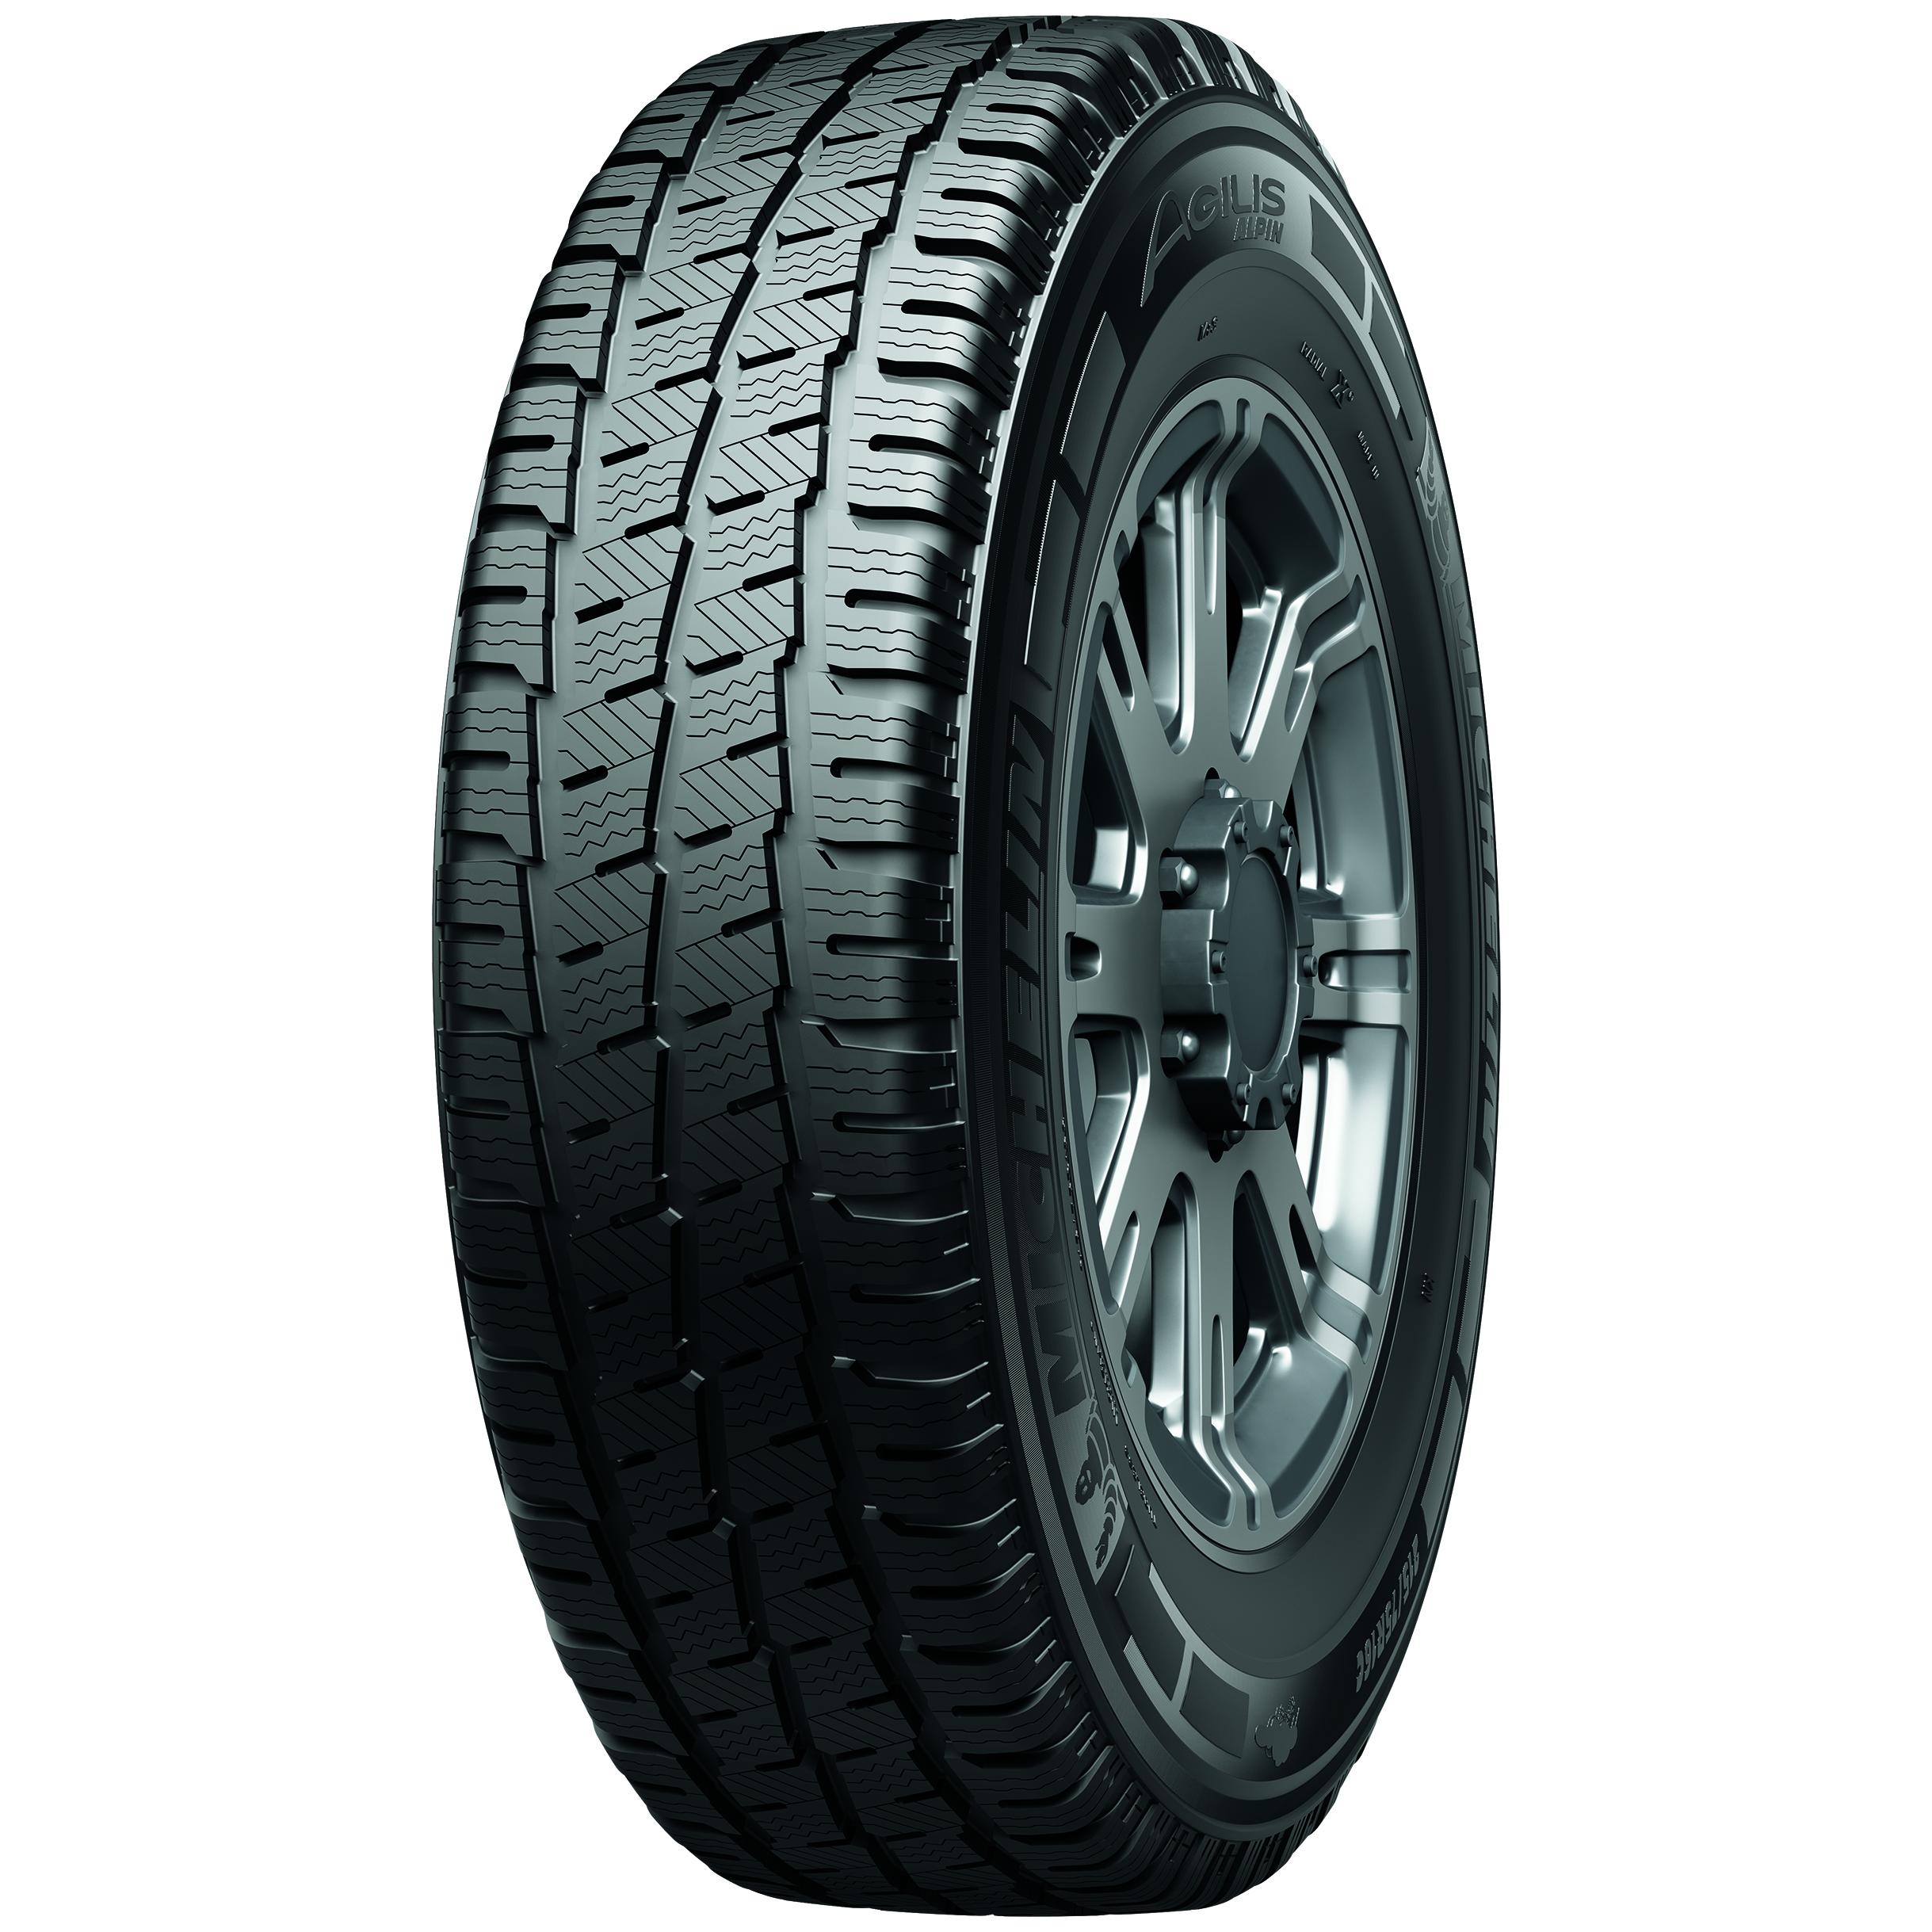 pierde pneu de rezervă de greutate 5bx pierdere în greutate